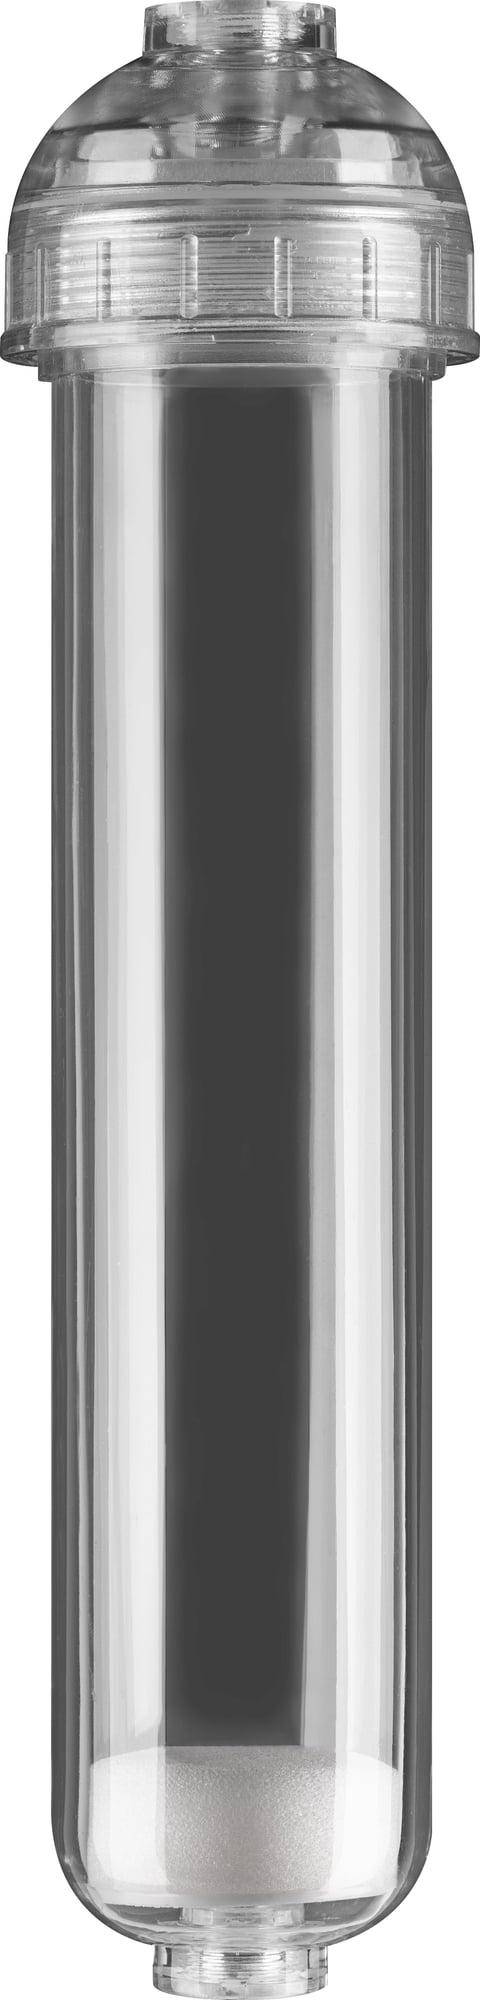 ARKA myAqua Multifilter, Fassungsvermögen 500 ml